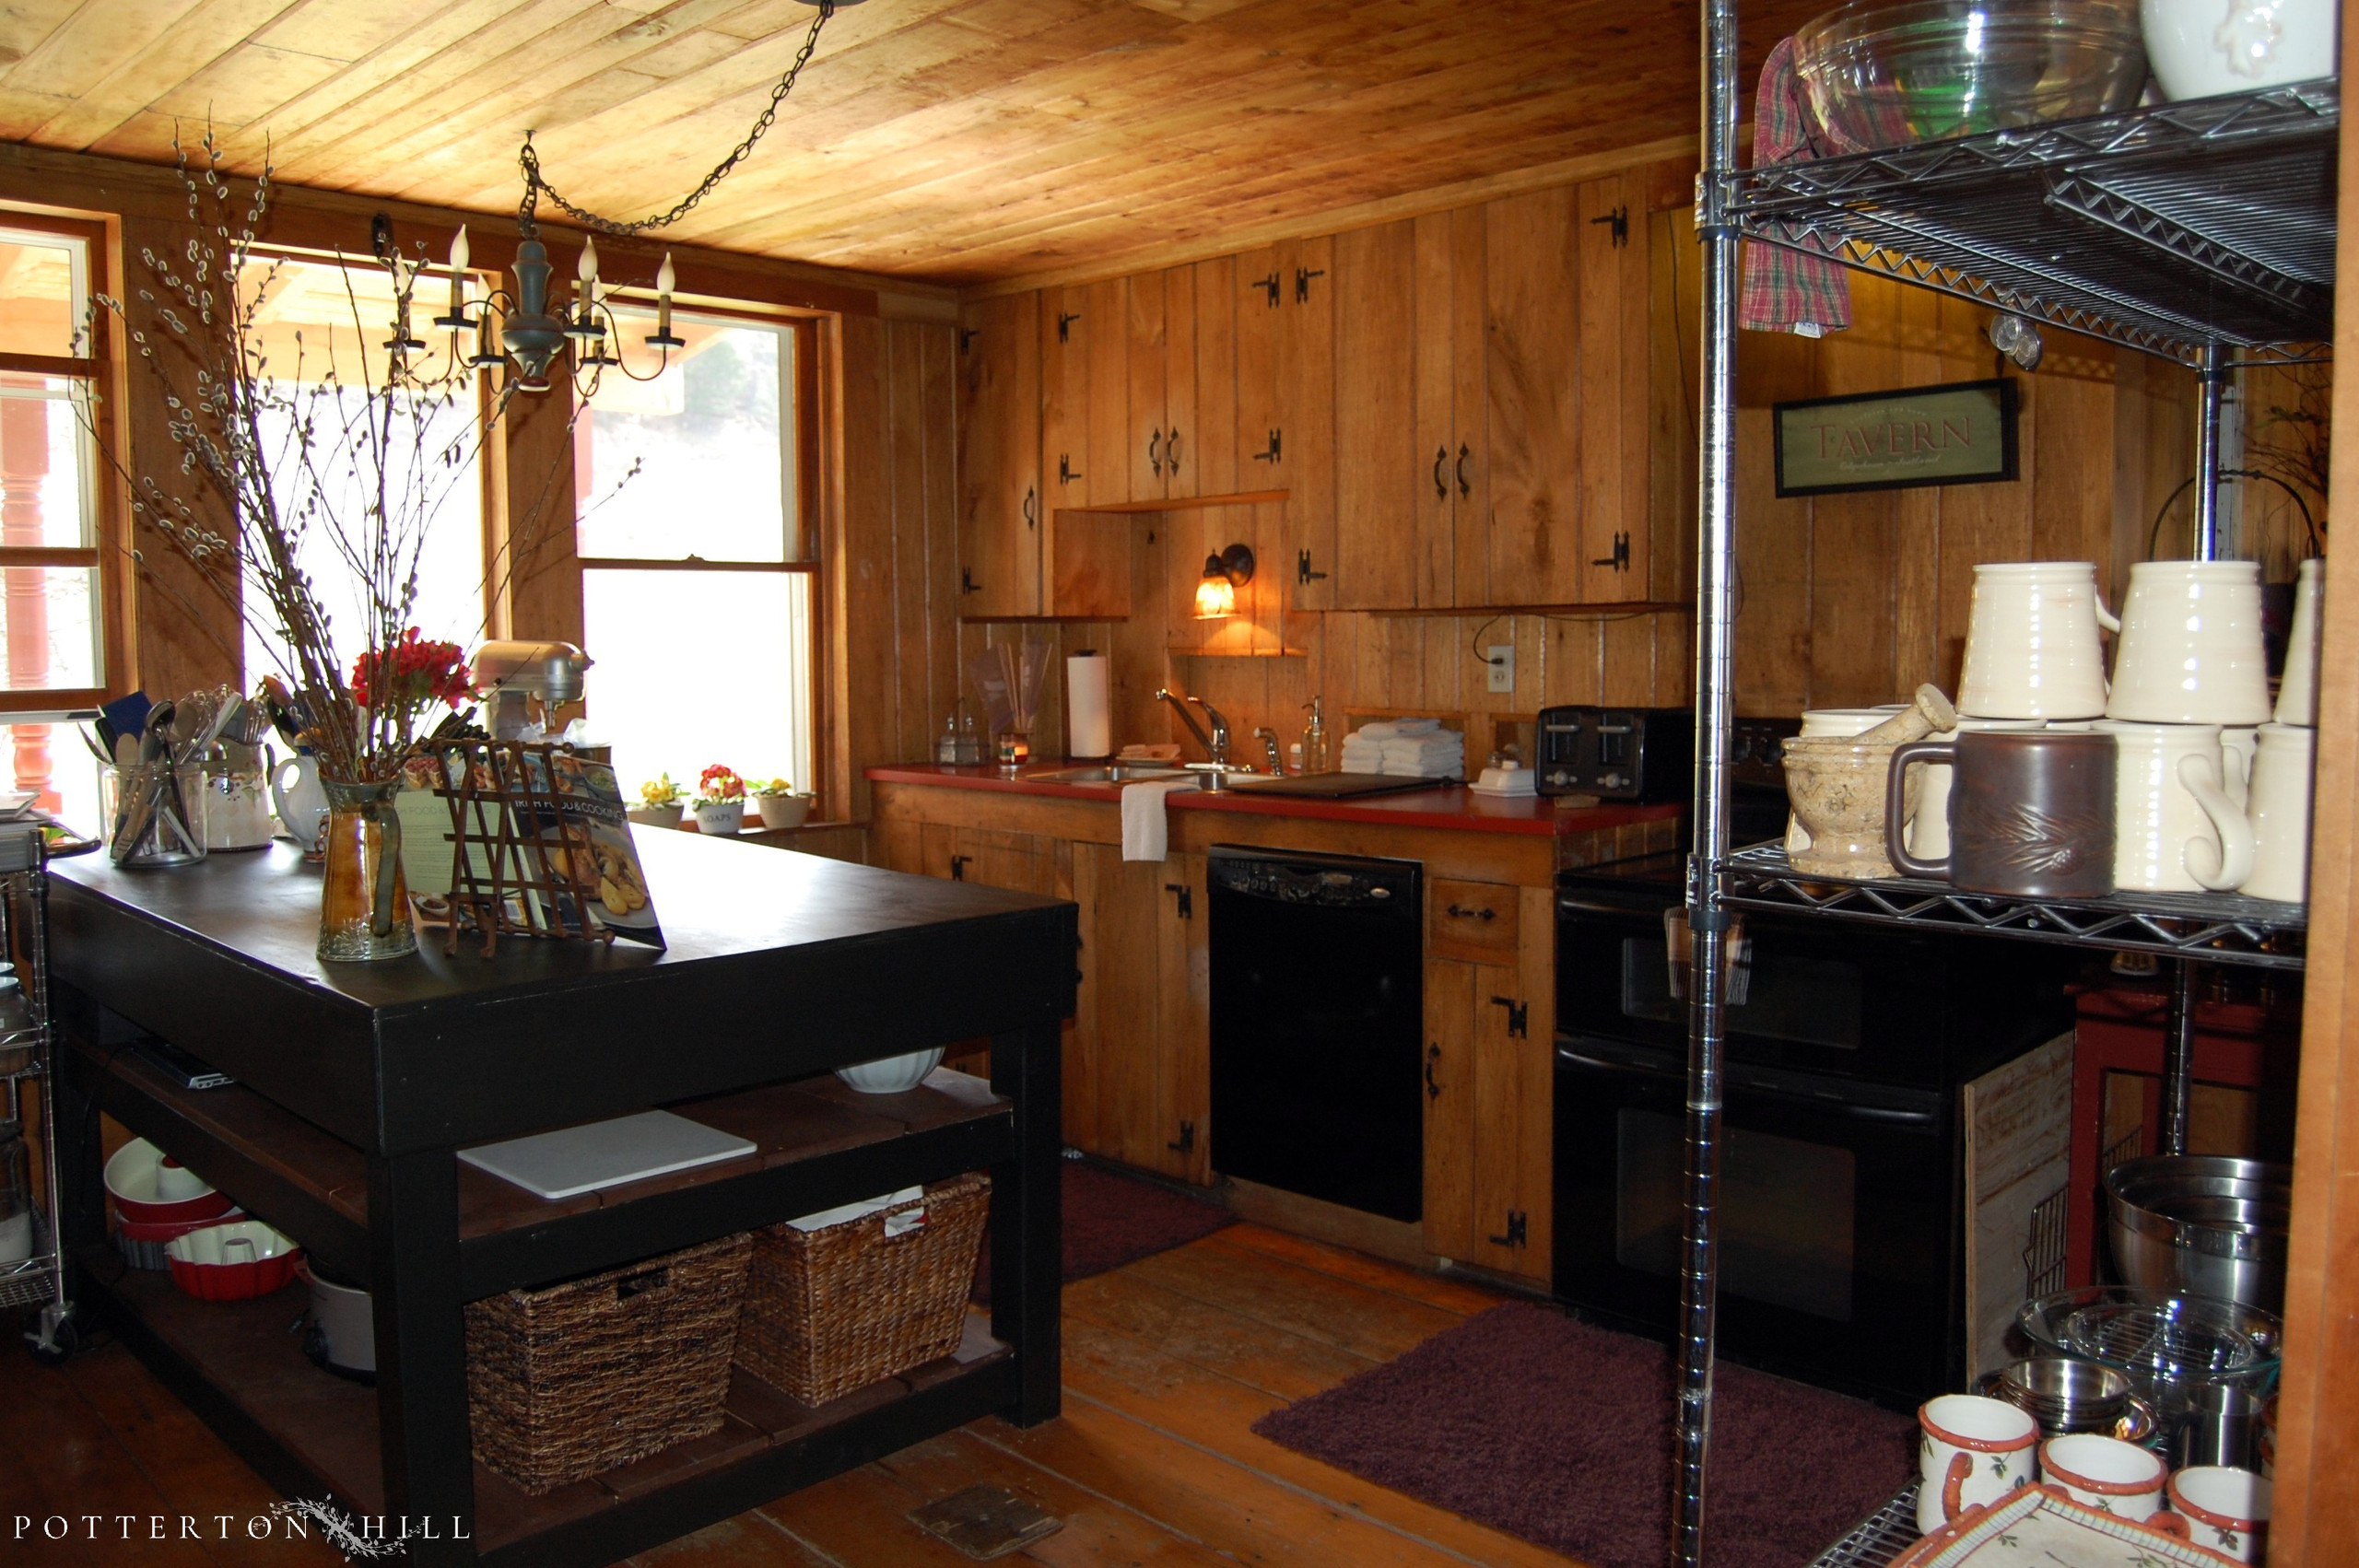 200-Year-Old Vermont Farmhouse Adventure_Potterton Hill